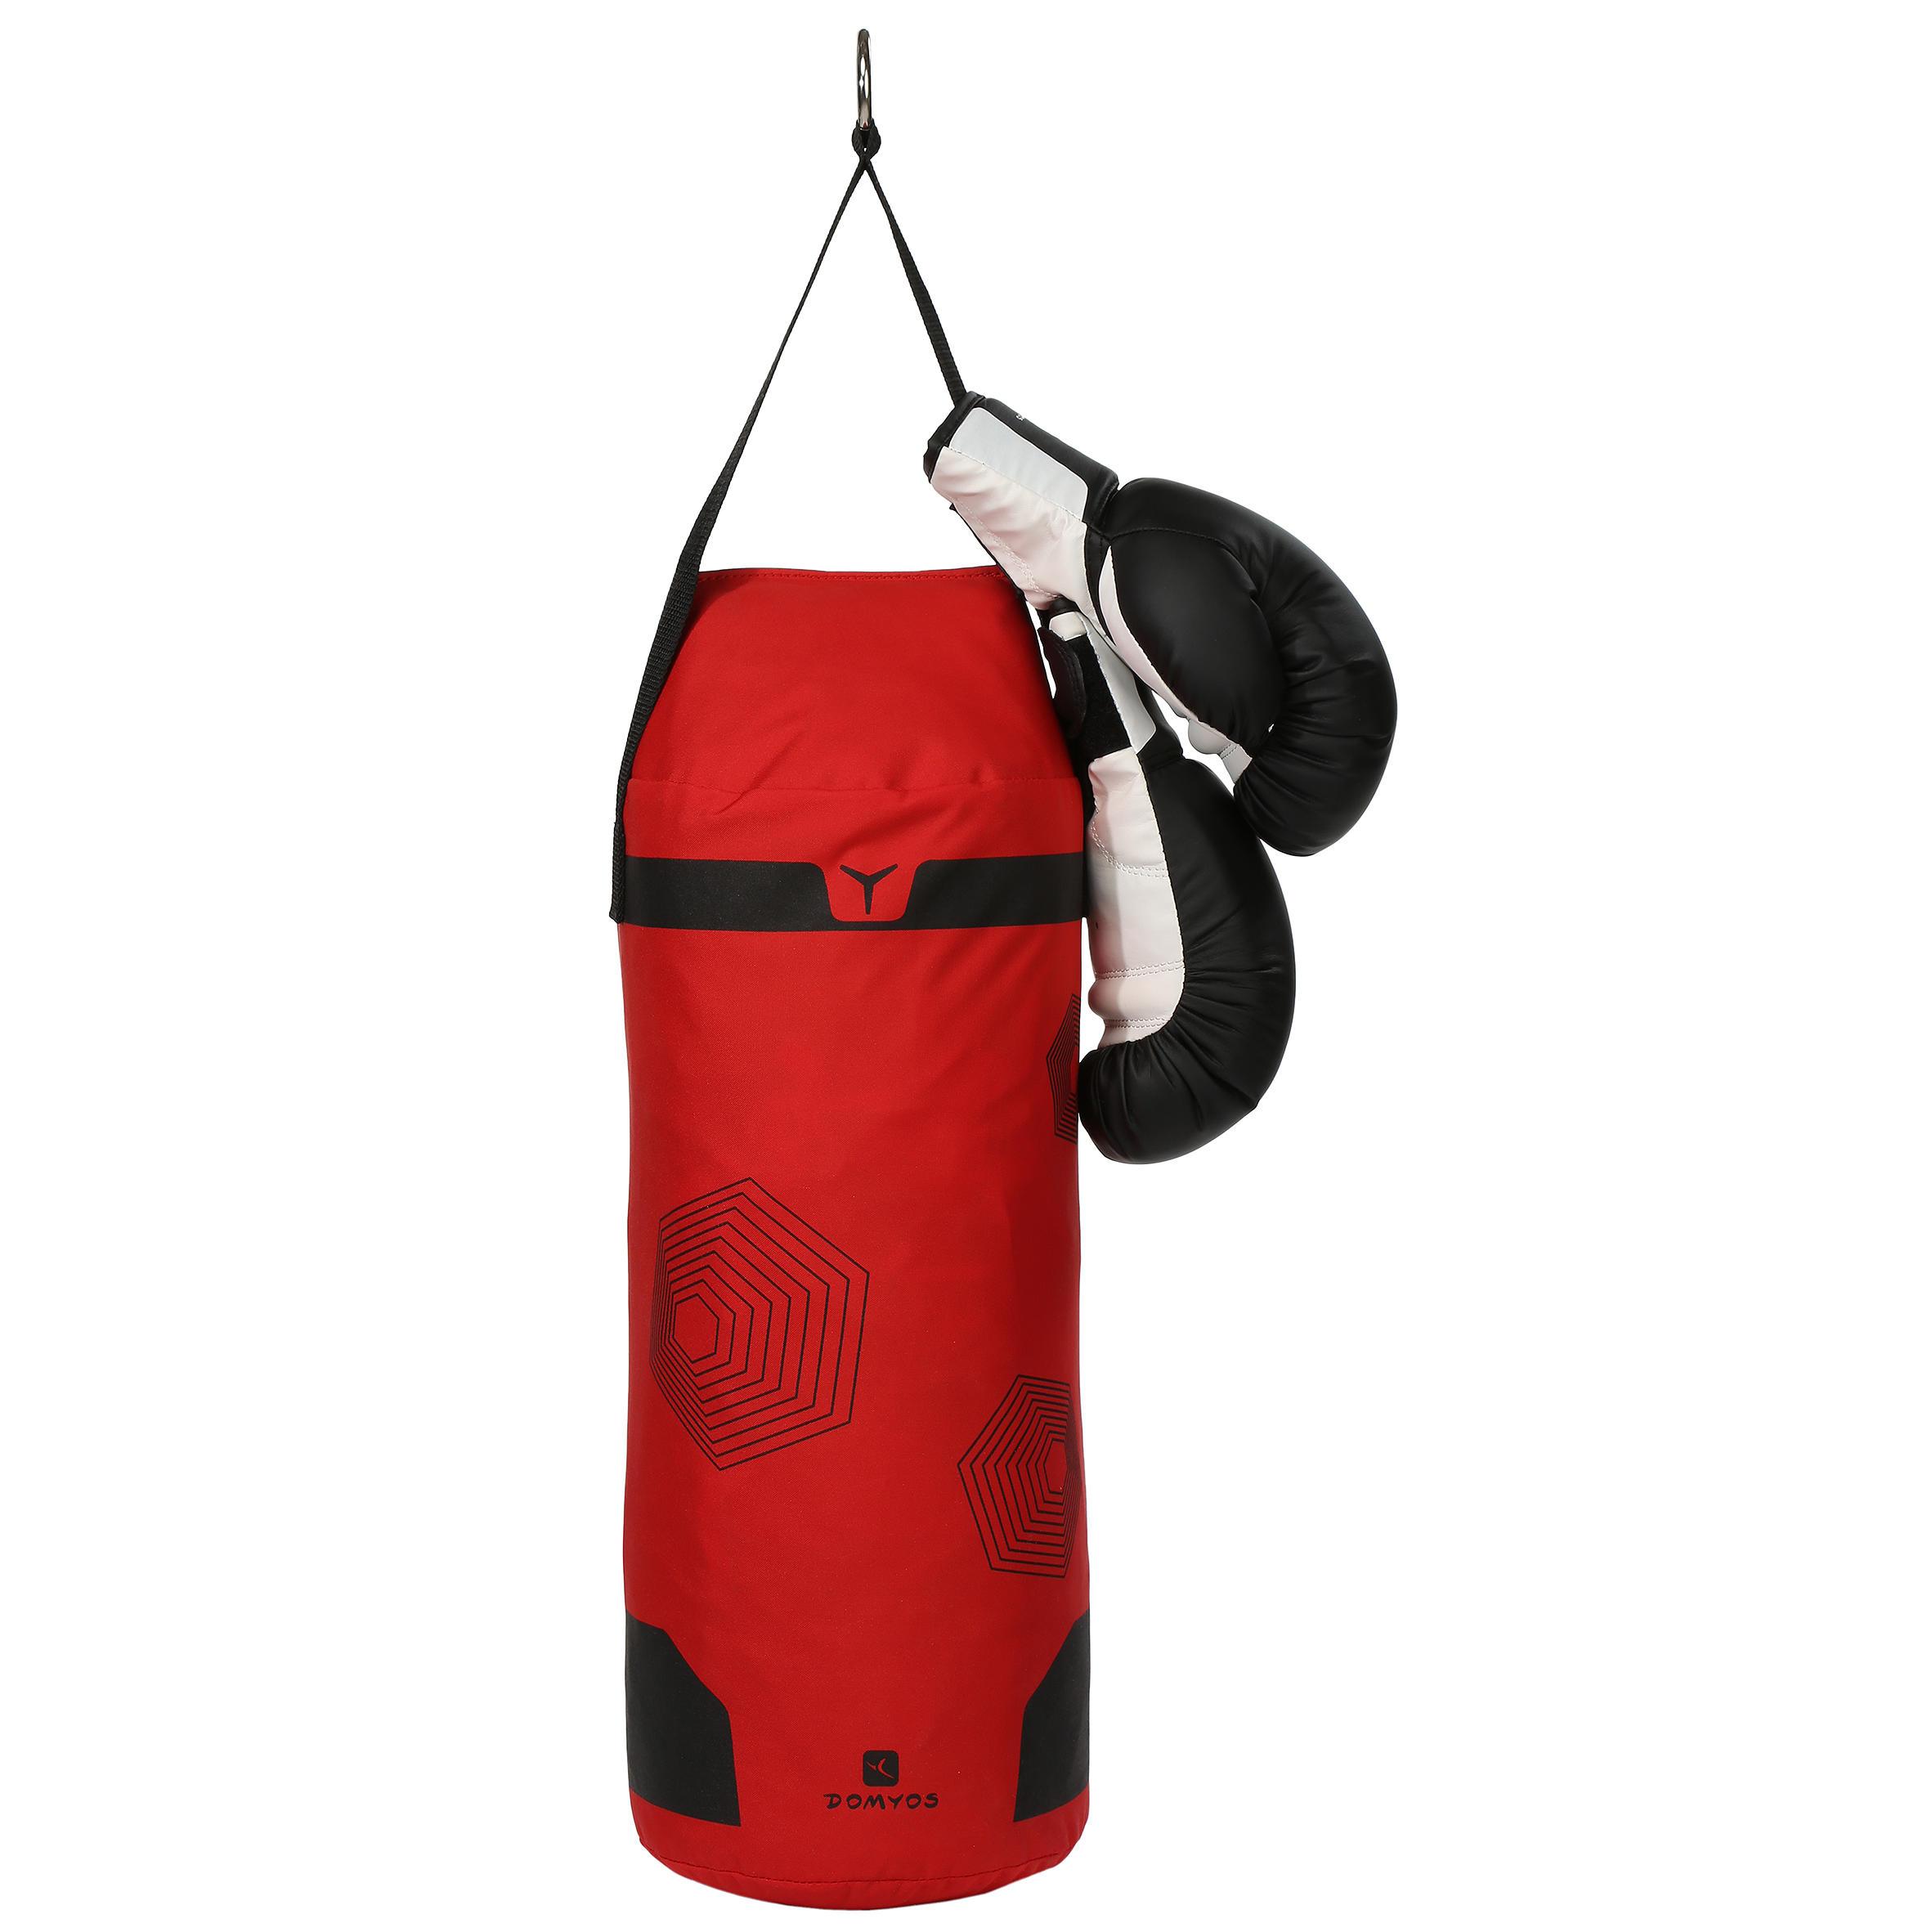 Ensemble initiation boxe enfant : sac rouge + gants noirs